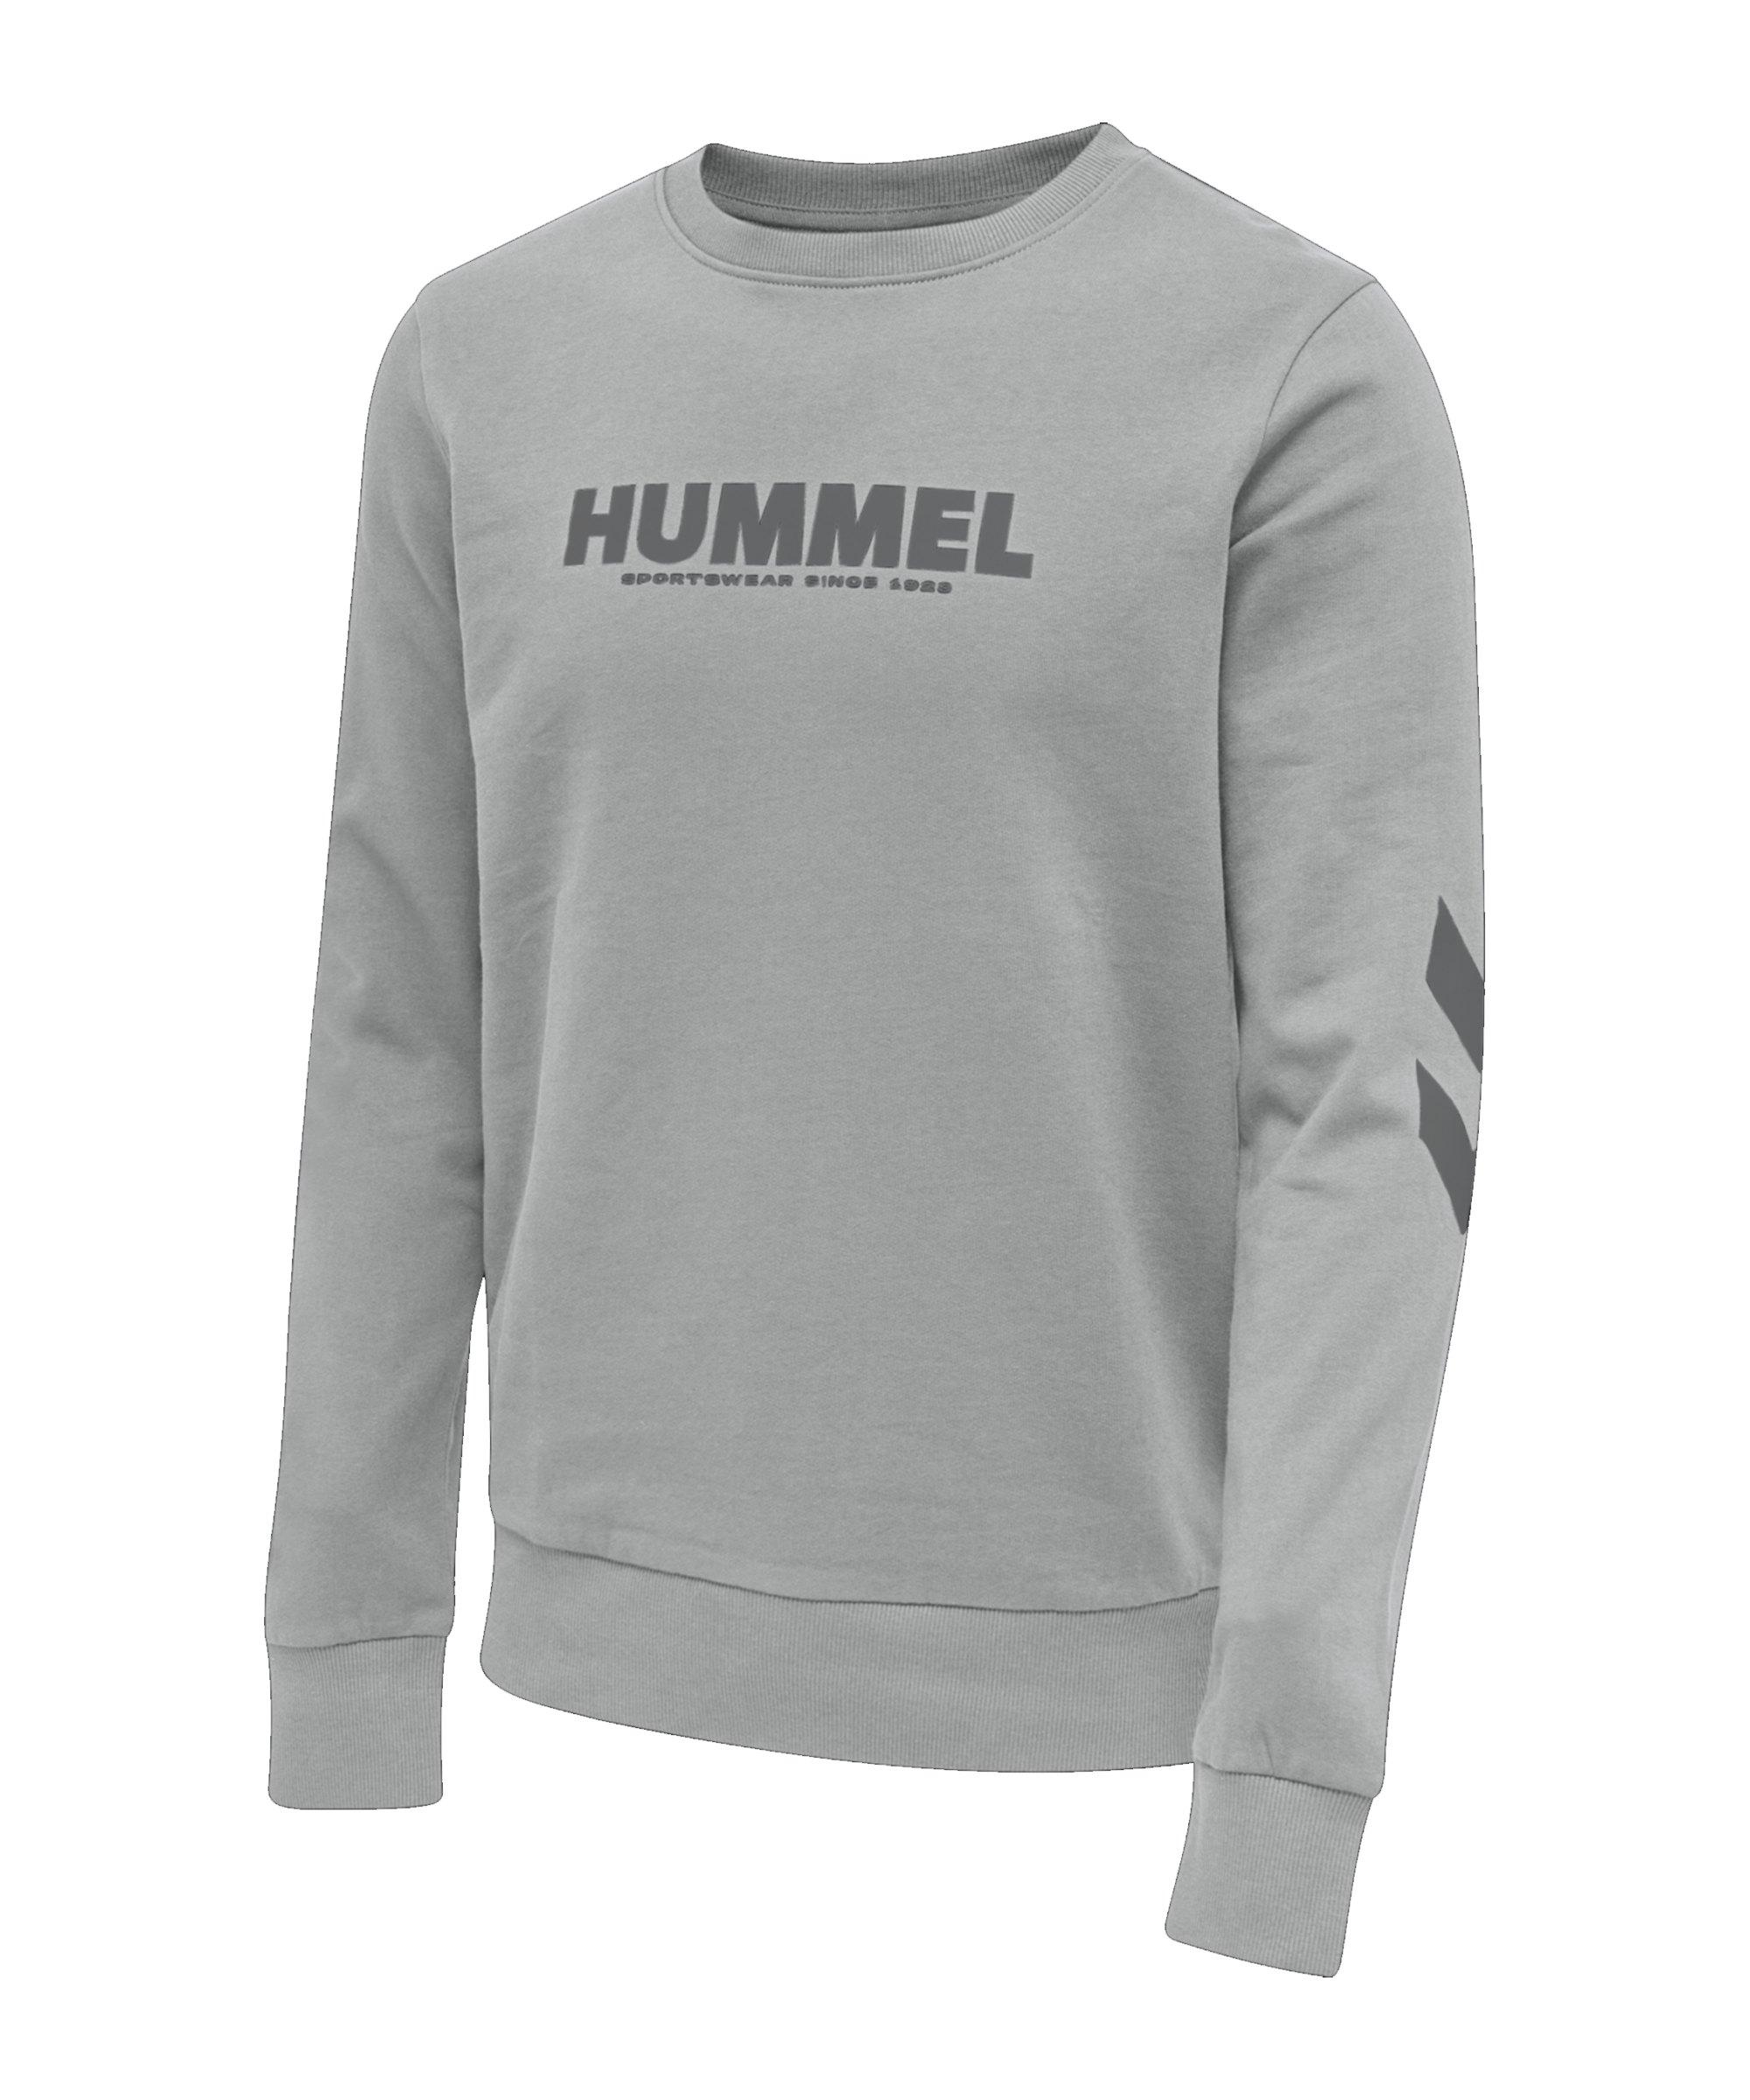 Hummel Legacy Sweatshirt Grau F2006 - grau